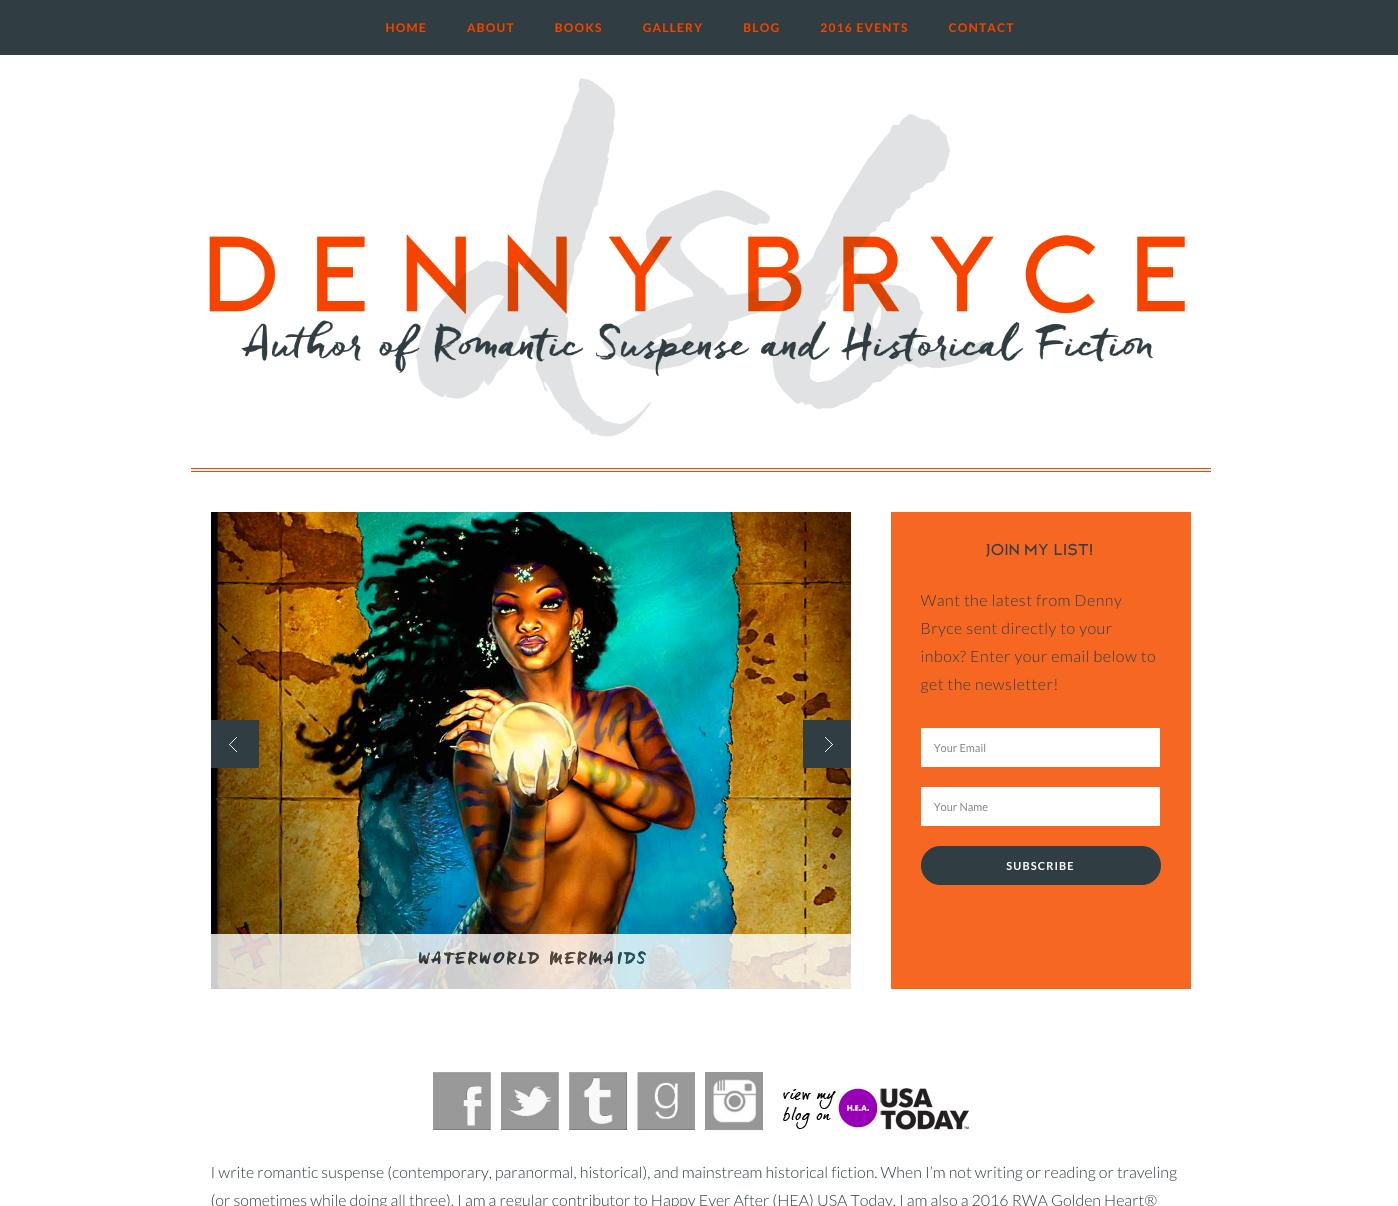 Denny S. Bryce